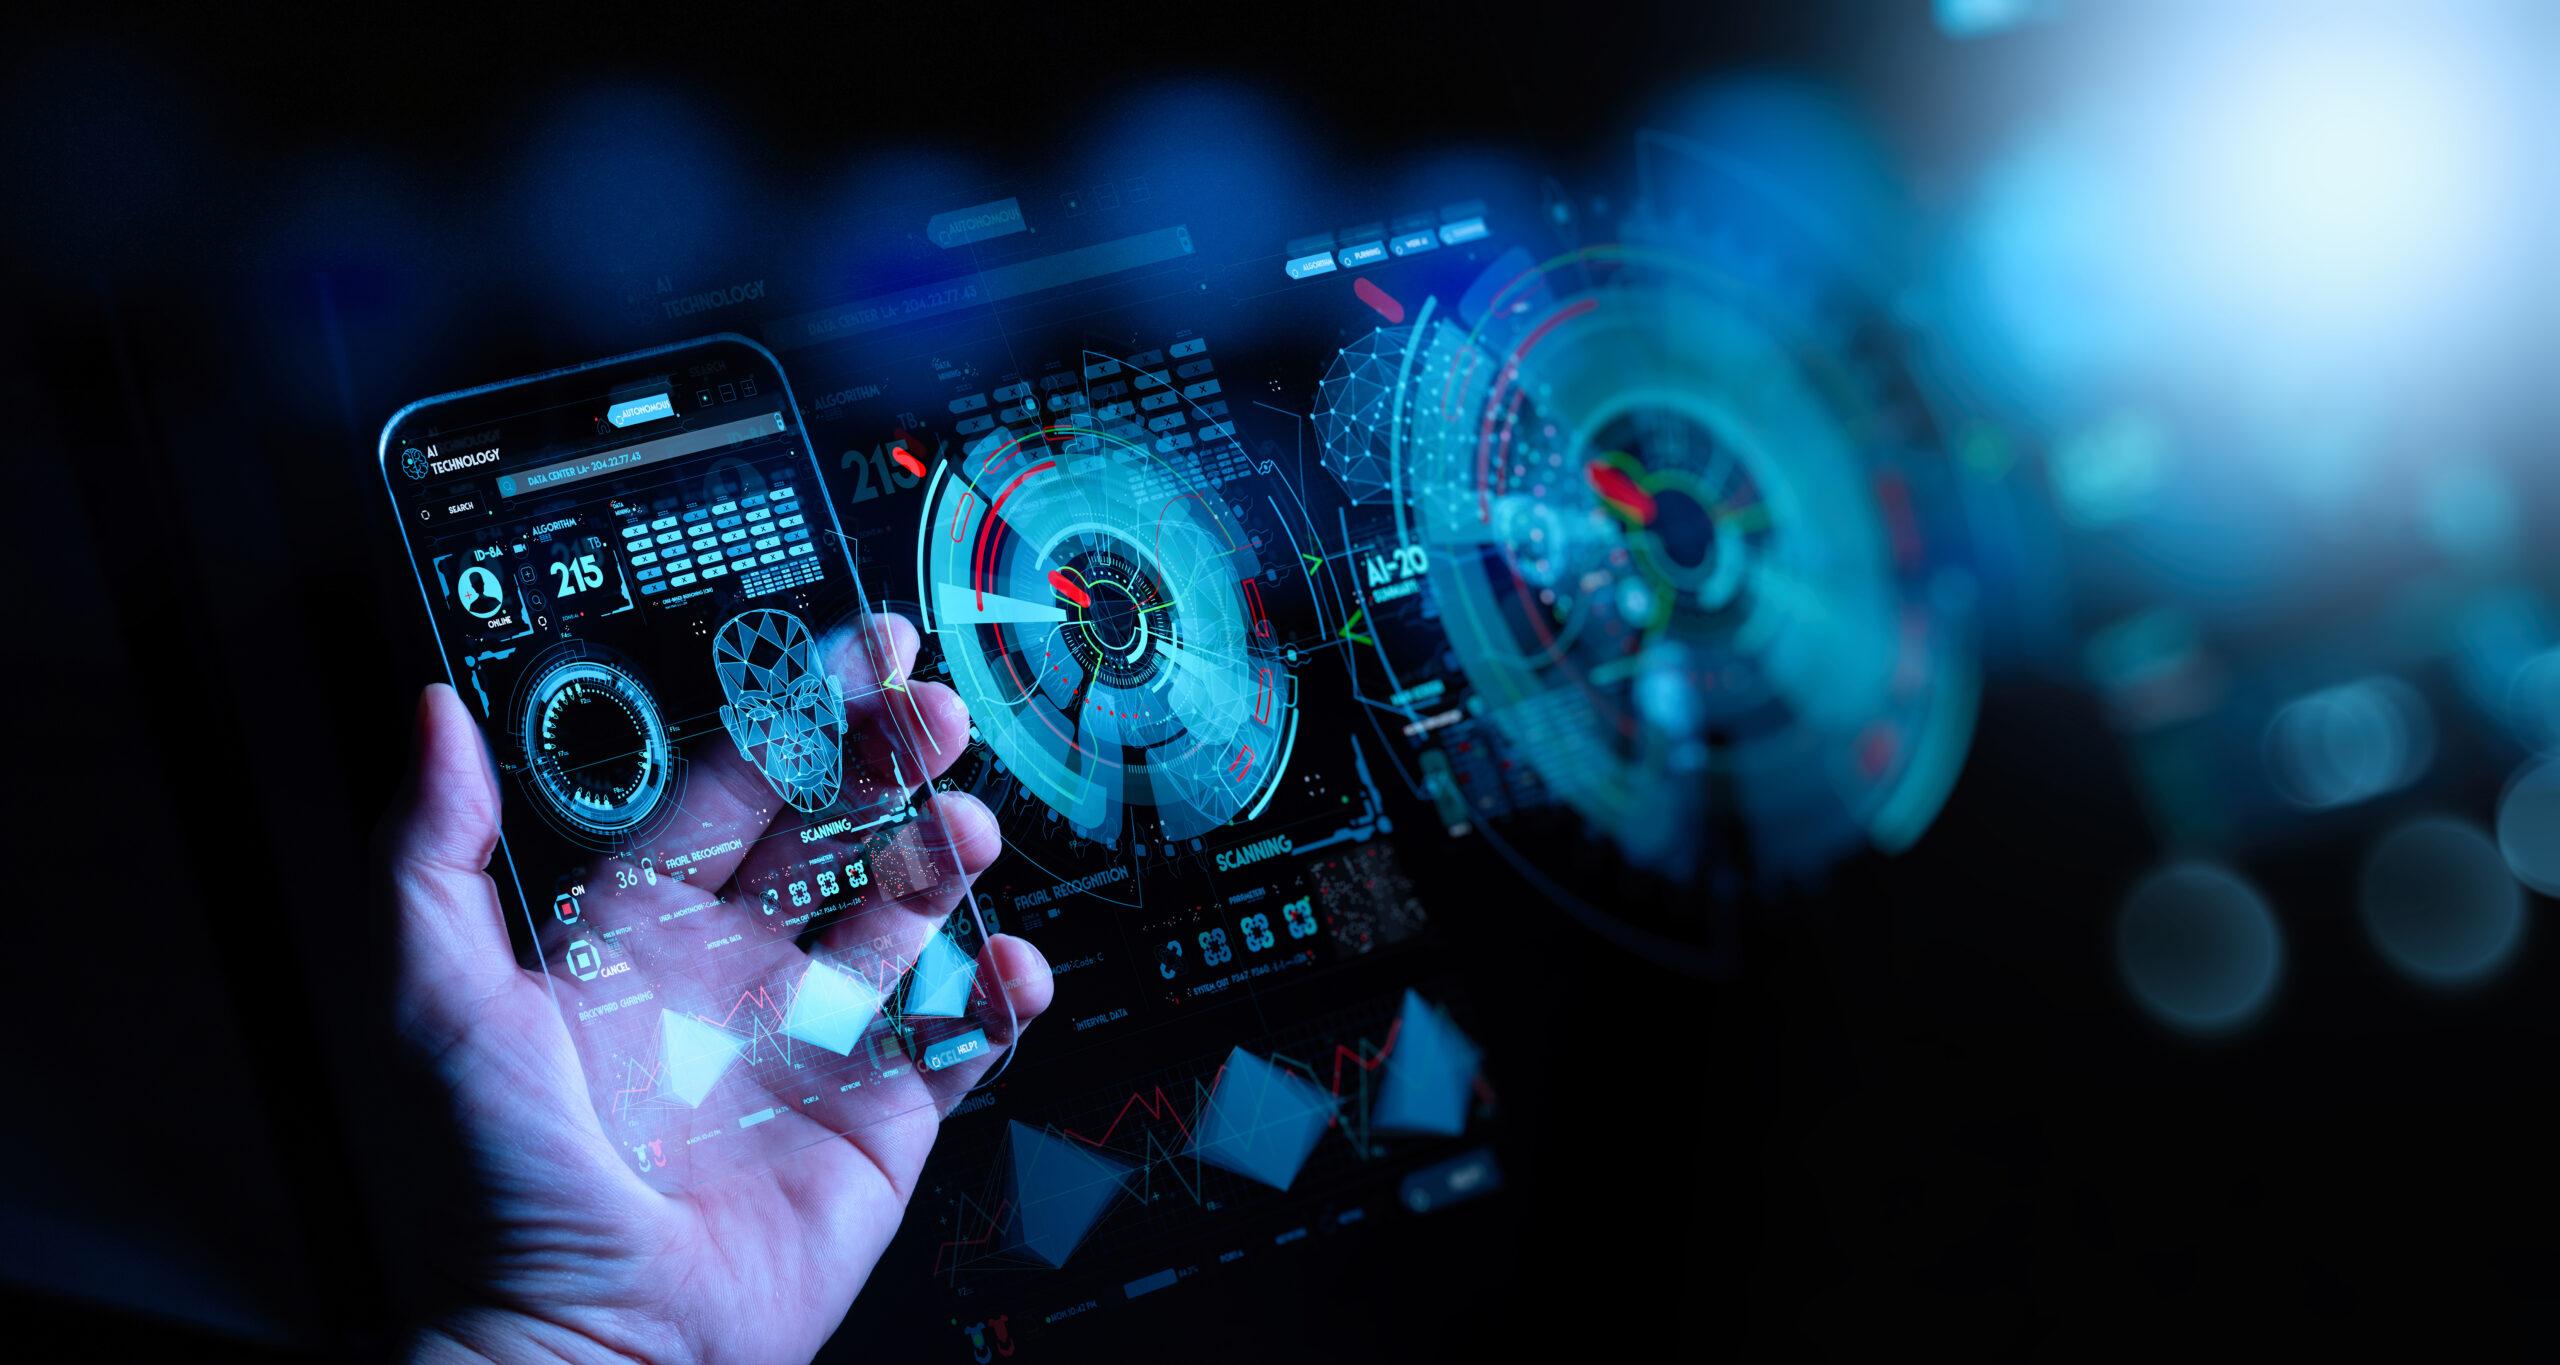 INTELIGENCIA ARTIFICIAL: Genera inquietud lo relativo al tratamiento de datos personales y el sesgo discriminatorio que pueden introducir los procesos automatizado